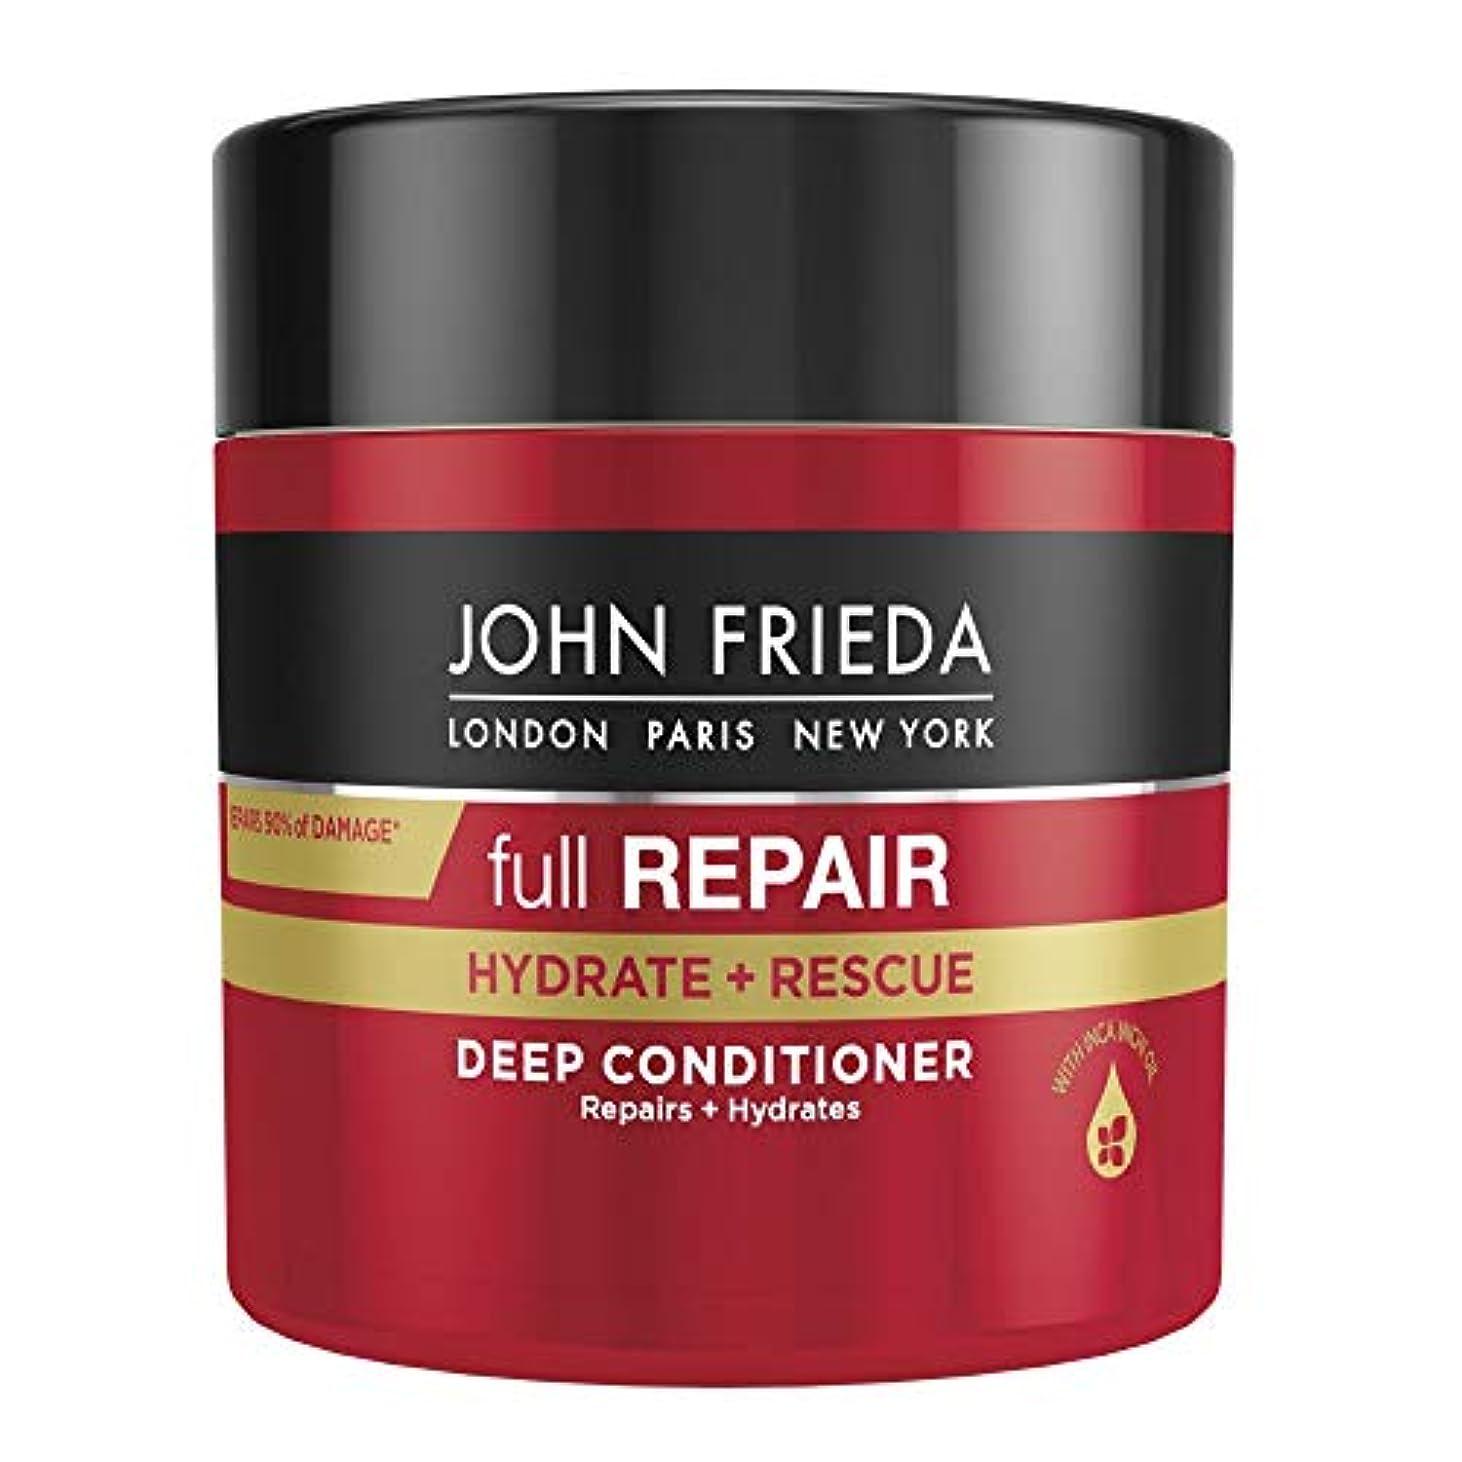 める興奮真っ逆さまJohn Frieda? Full Repair(TM) Deep Conditioner 150ml